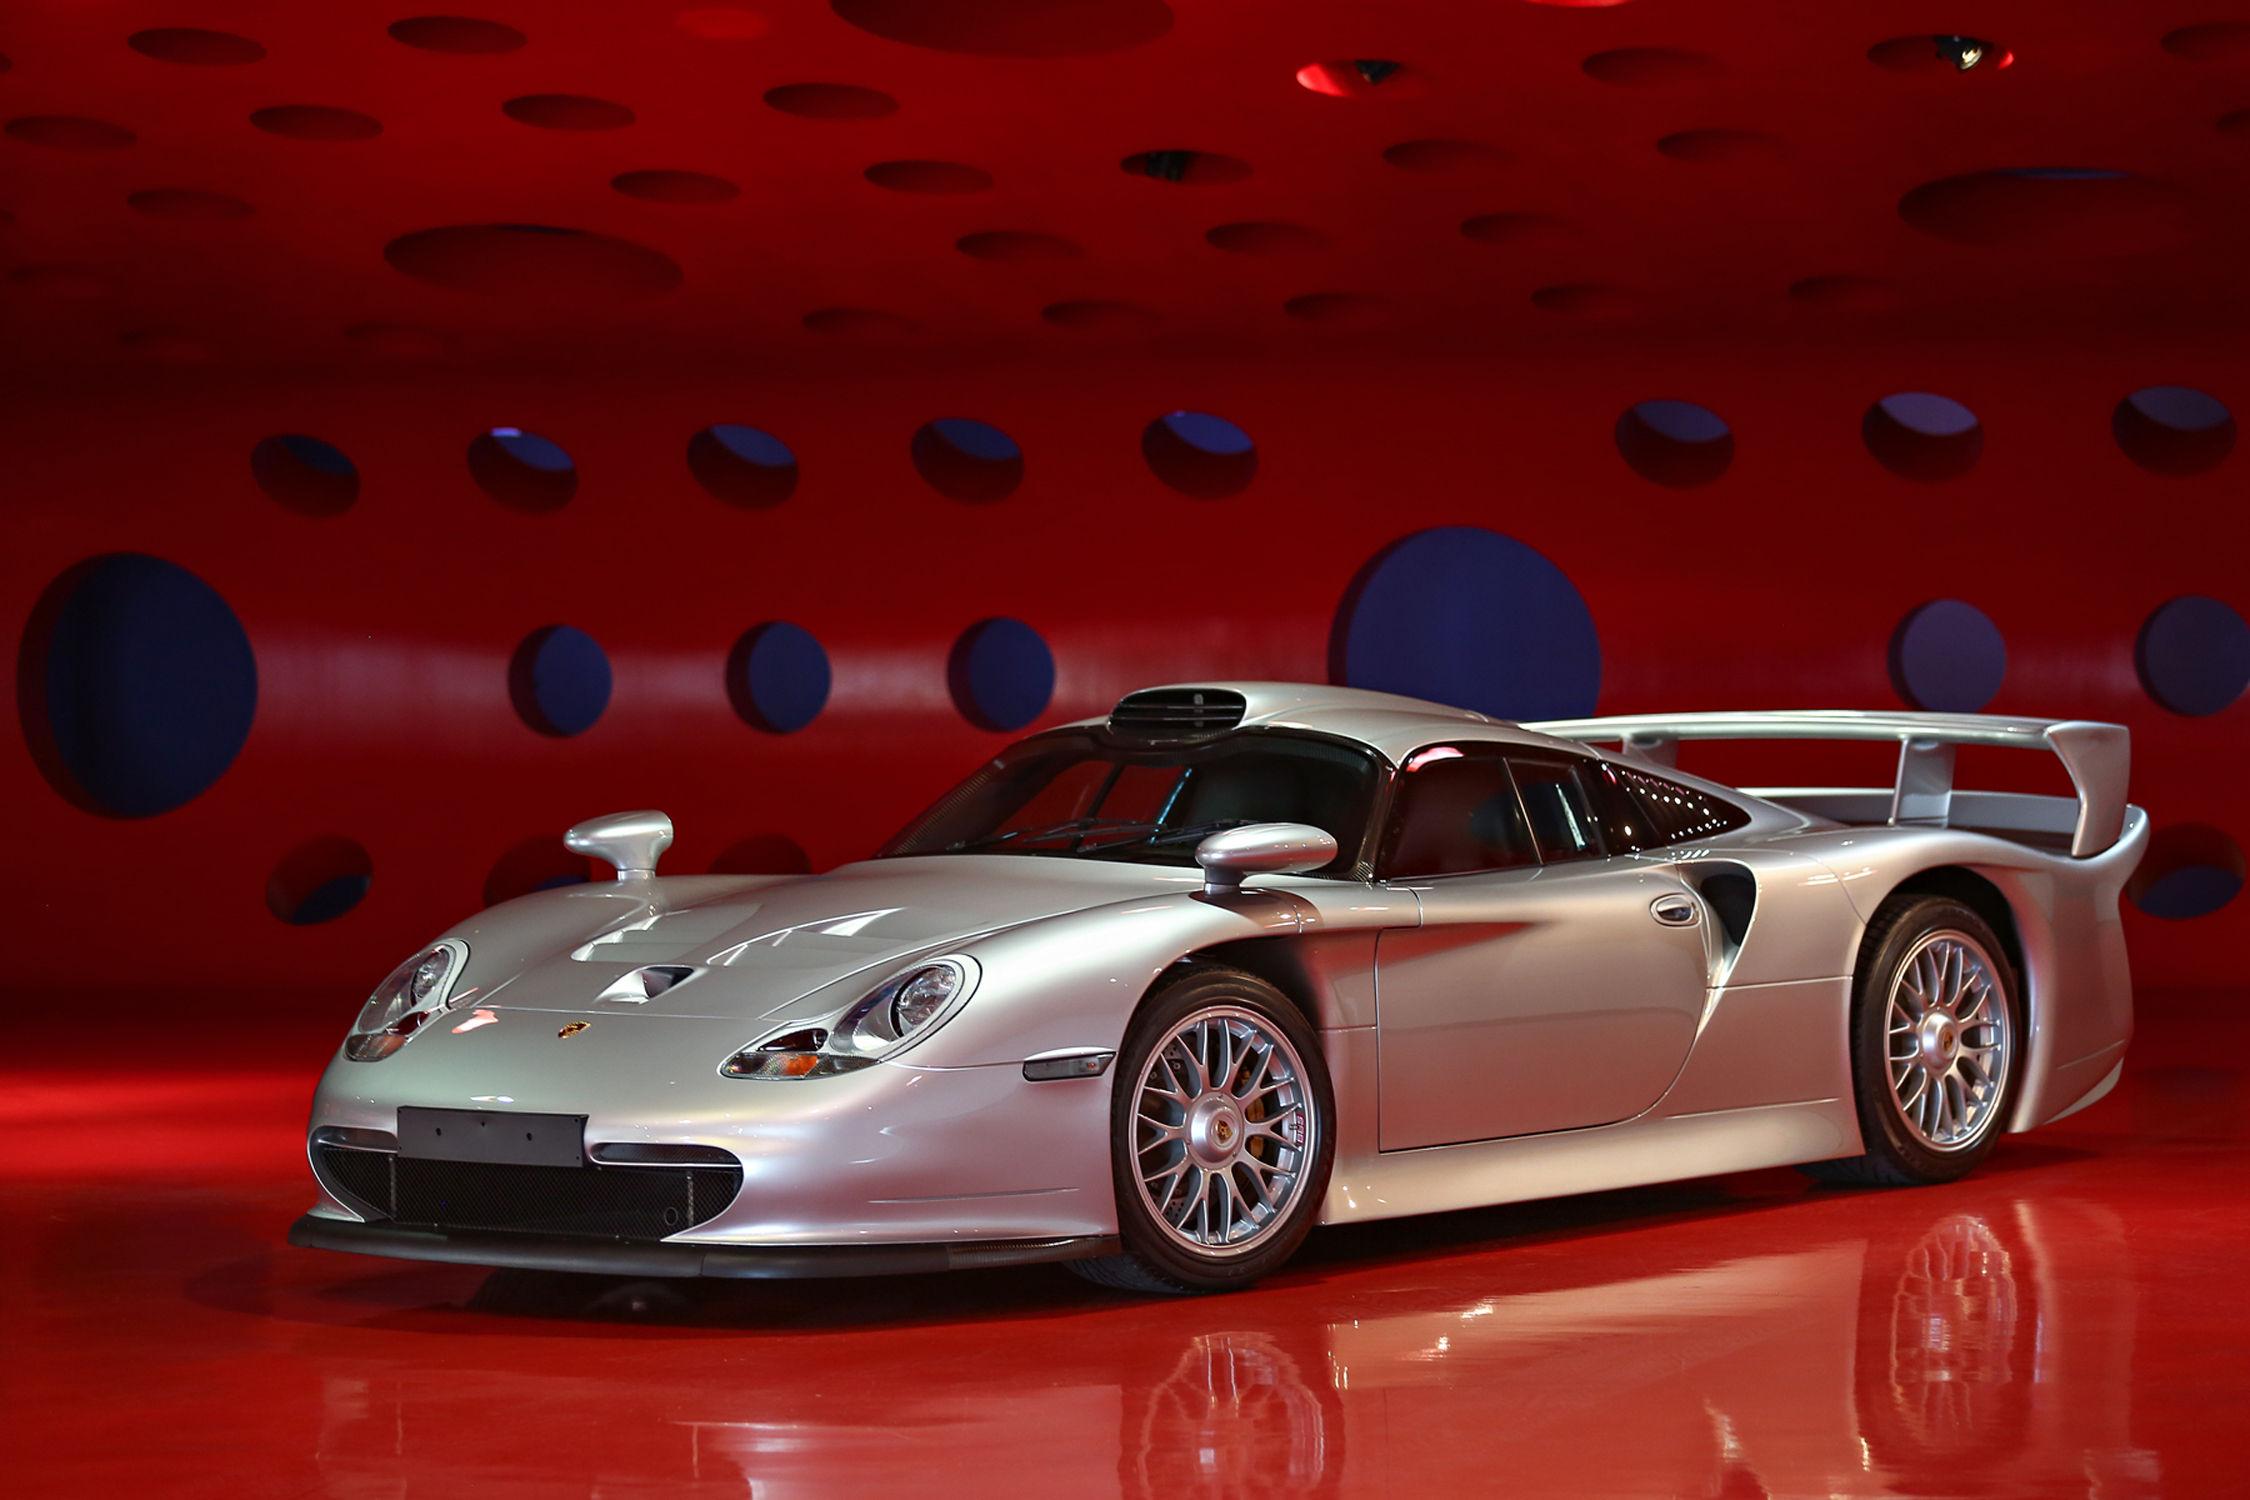 porsche-911-15298-1 Cozy Prix D'une Porsche 911 Gt1 Cars Trend